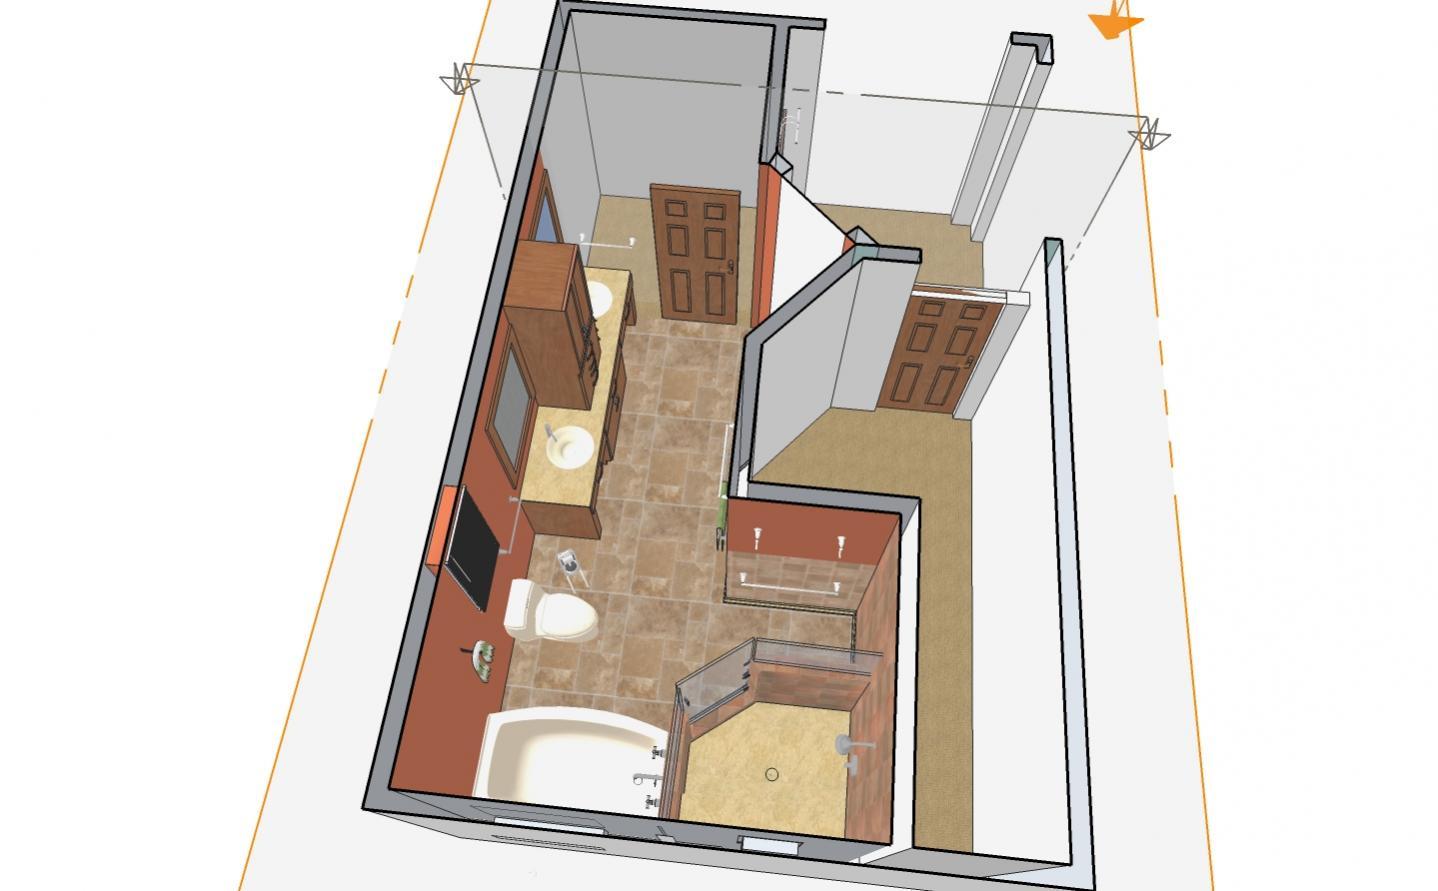 Google SketchUp Floor Plan